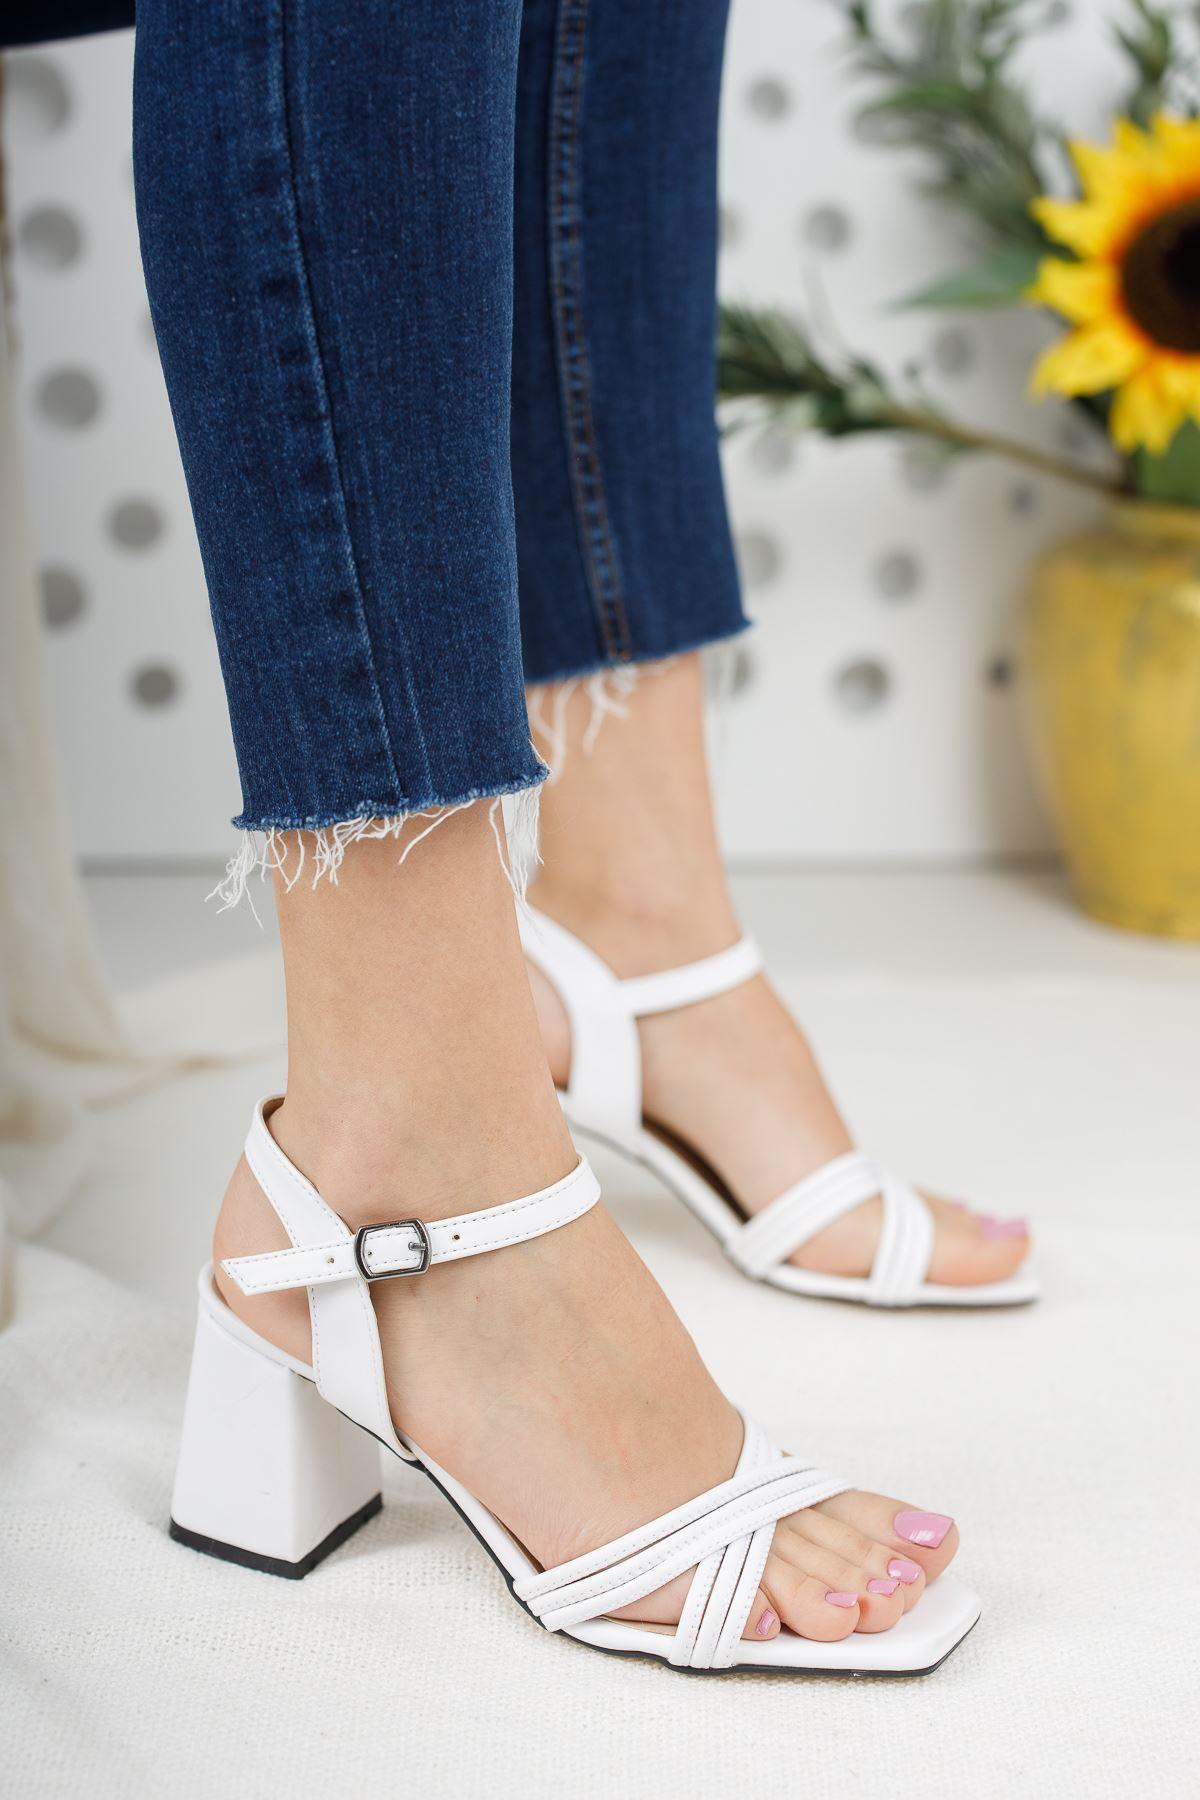 Kadın Yuli Kısa Topuklu Çapraz Biyeli Mat Deri Beyaz Topuklu Ayakkabı